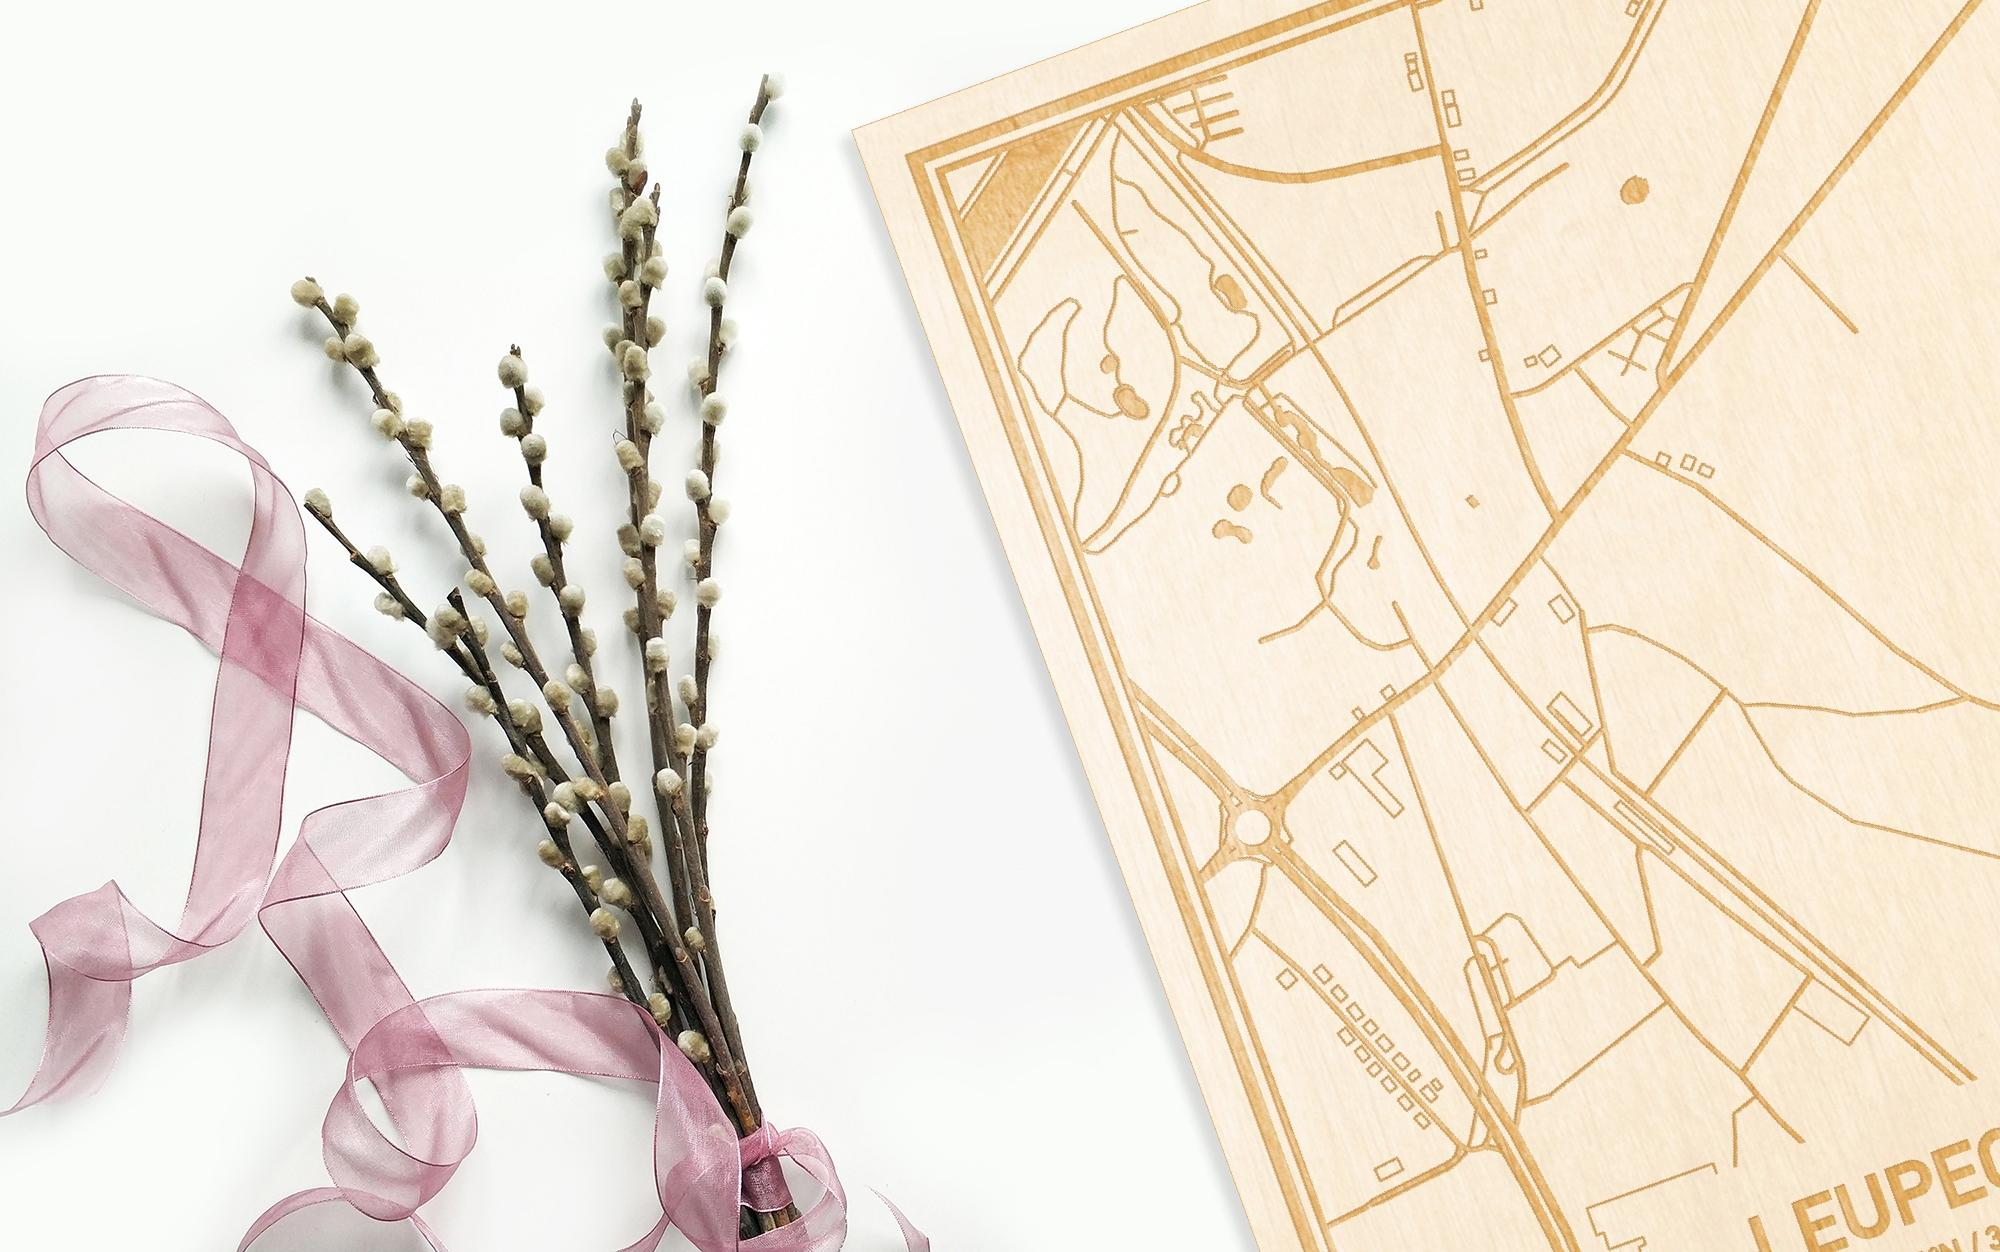 Hier ligt de houten plattegrond Leupegem naast een bloemetje als gepersonaliseerd cadeau voor haar.